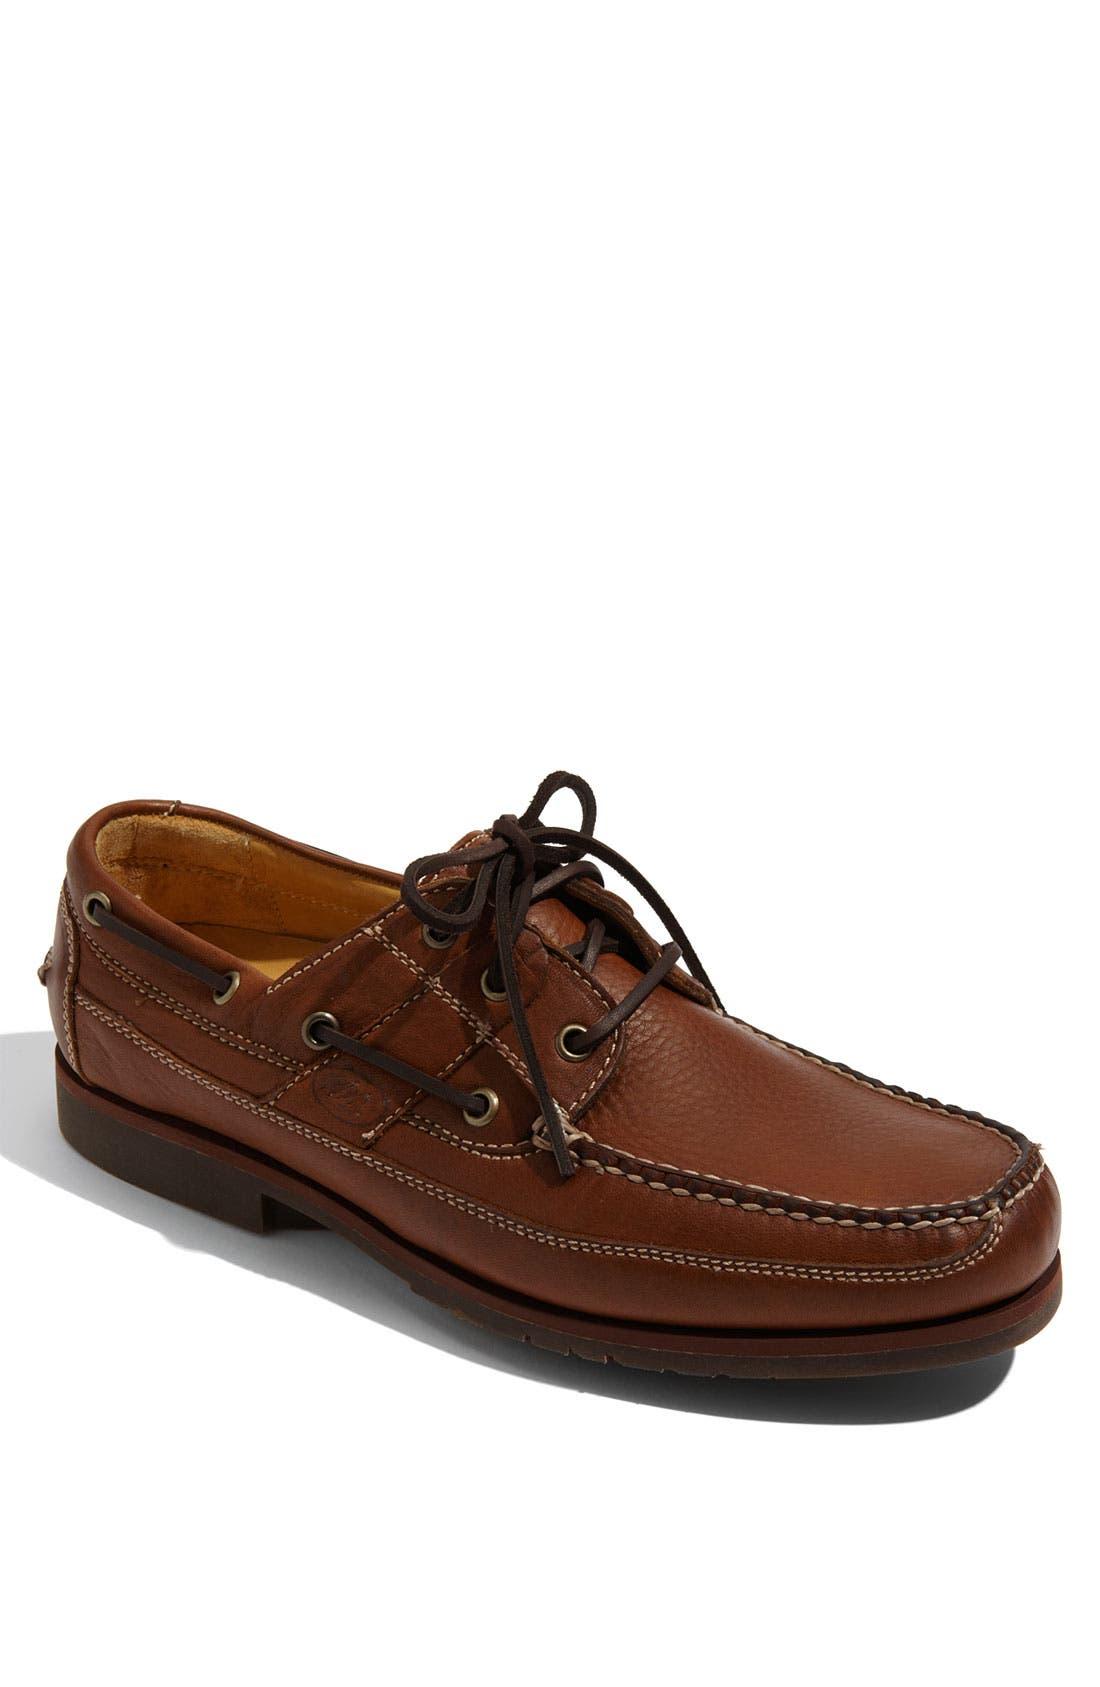 'Bridgeport' Boat Shoe,                             Main thumbnail 1, color,